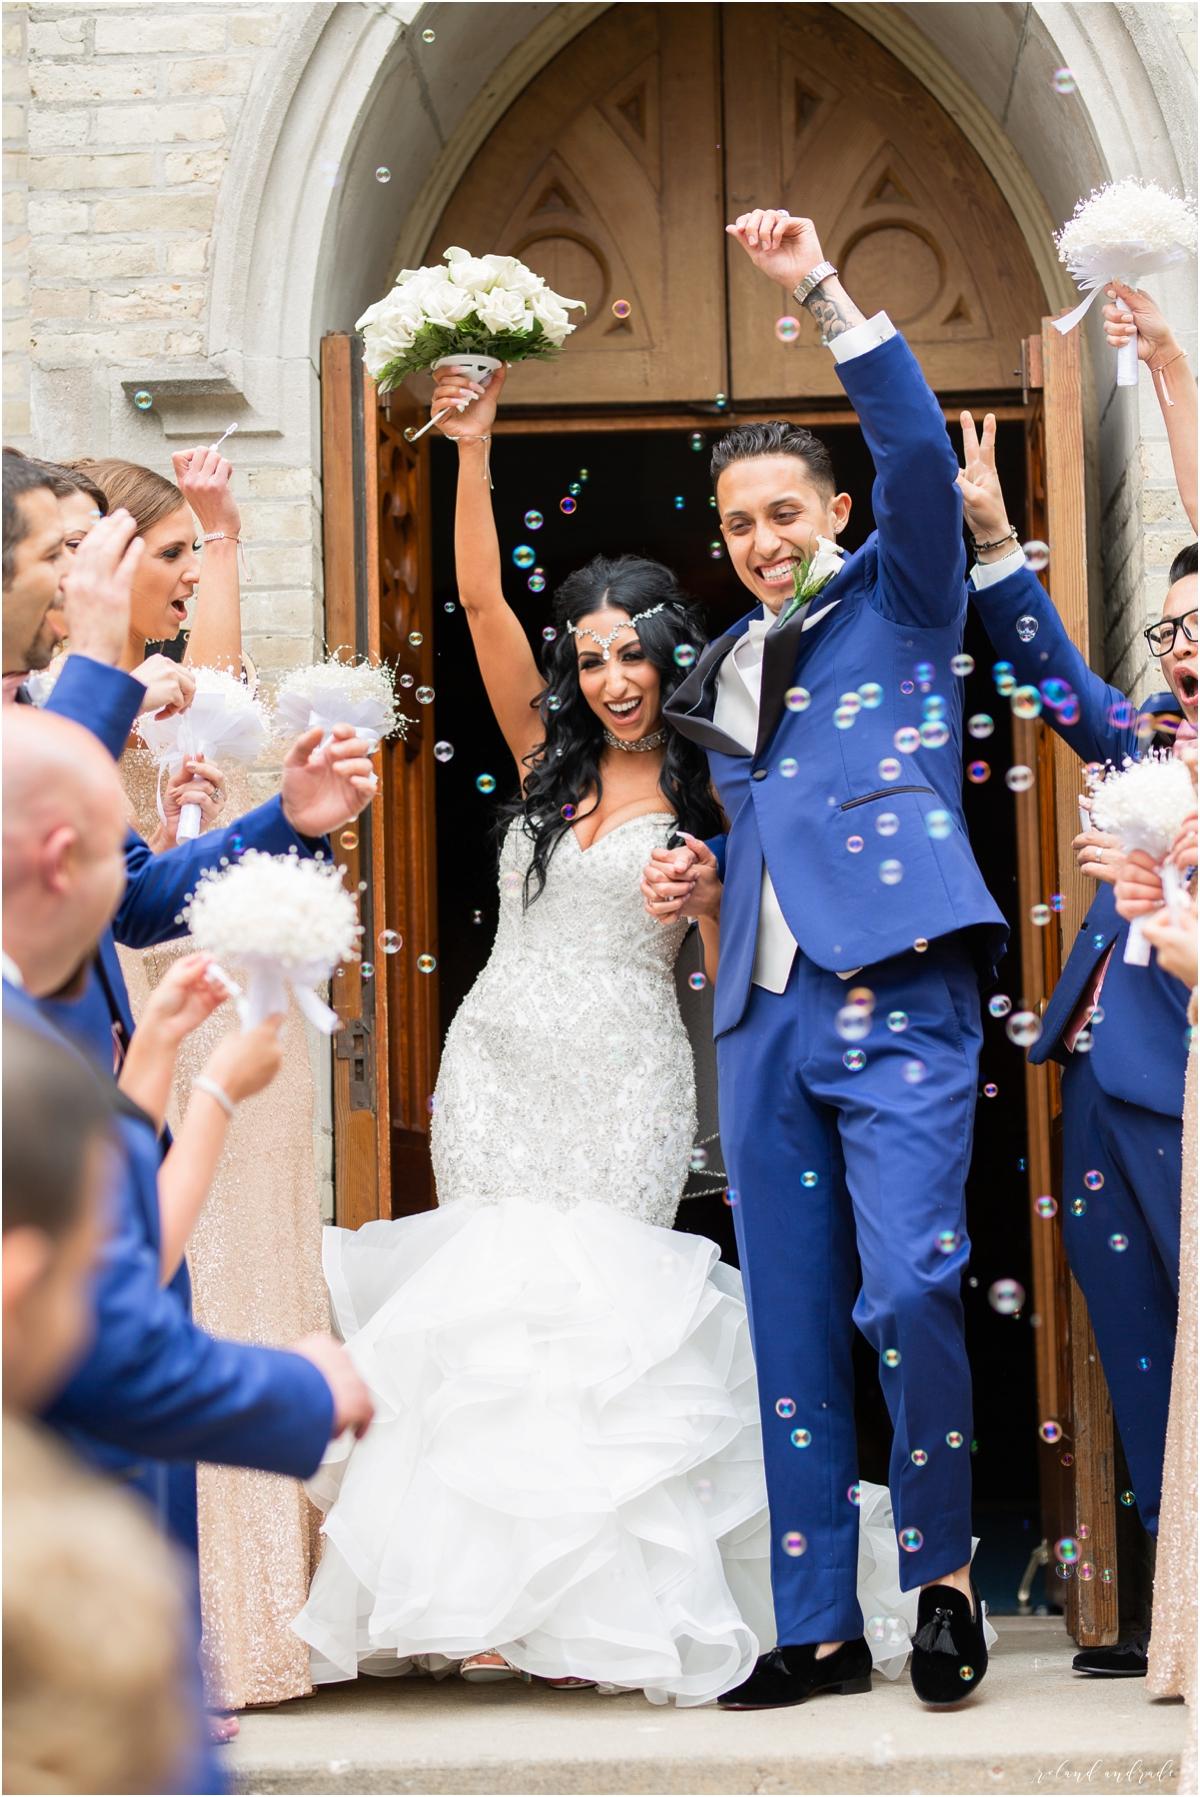 Italian American Society Wedding in Kenosha Wisconsin, Kenosha Wisconsin Wedding Photographer, Chicago Wedding Photography Kenosha Mexican Italian Wedding_0031.jpg